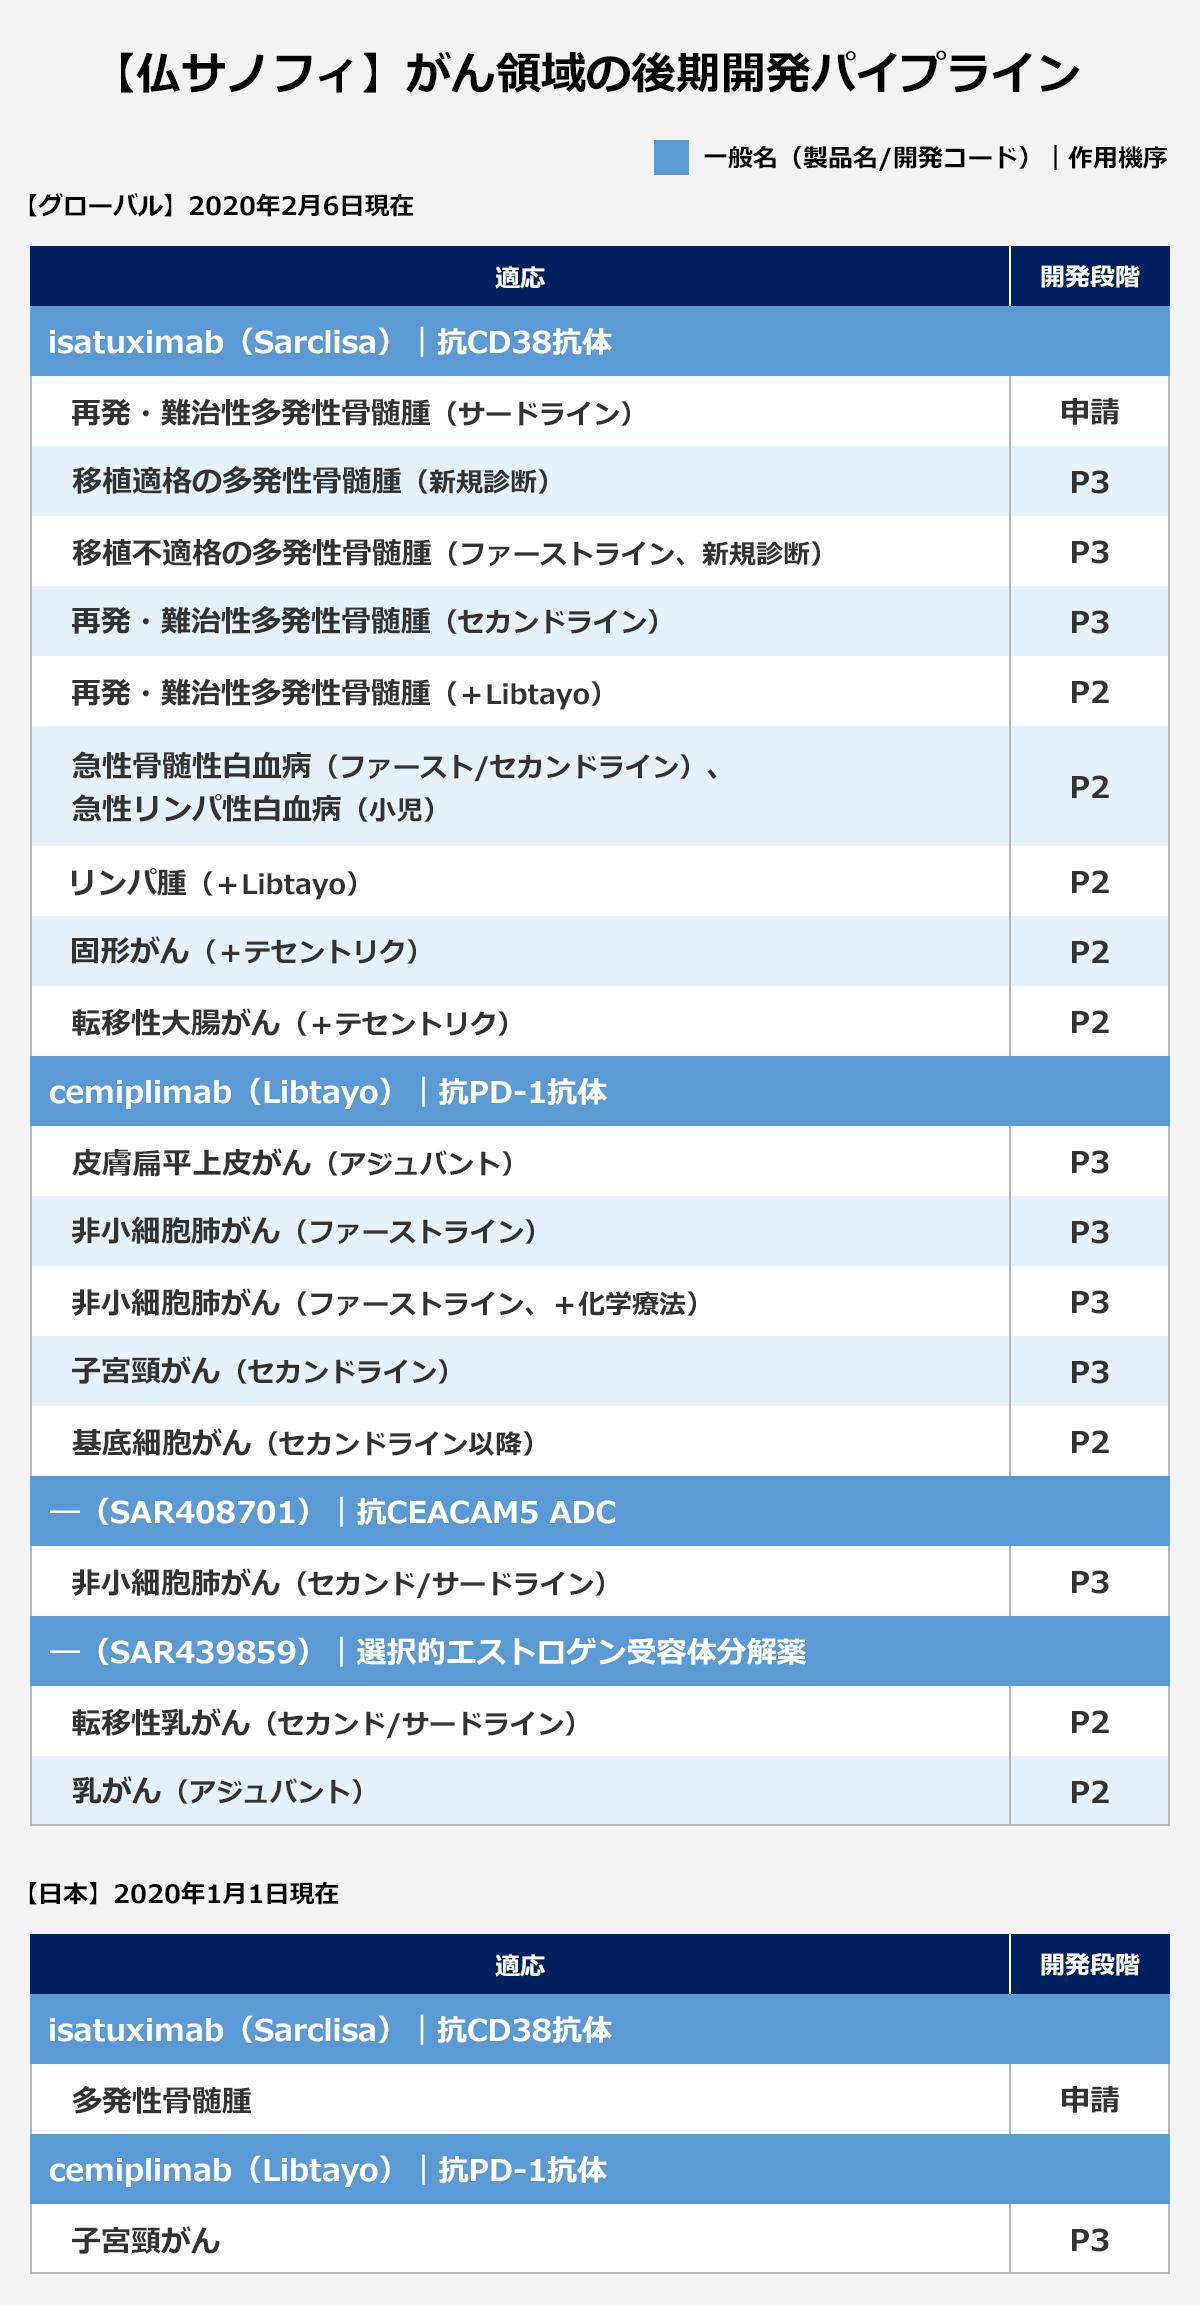 【仏サノフィ】がん領域の後期開発パイプライン